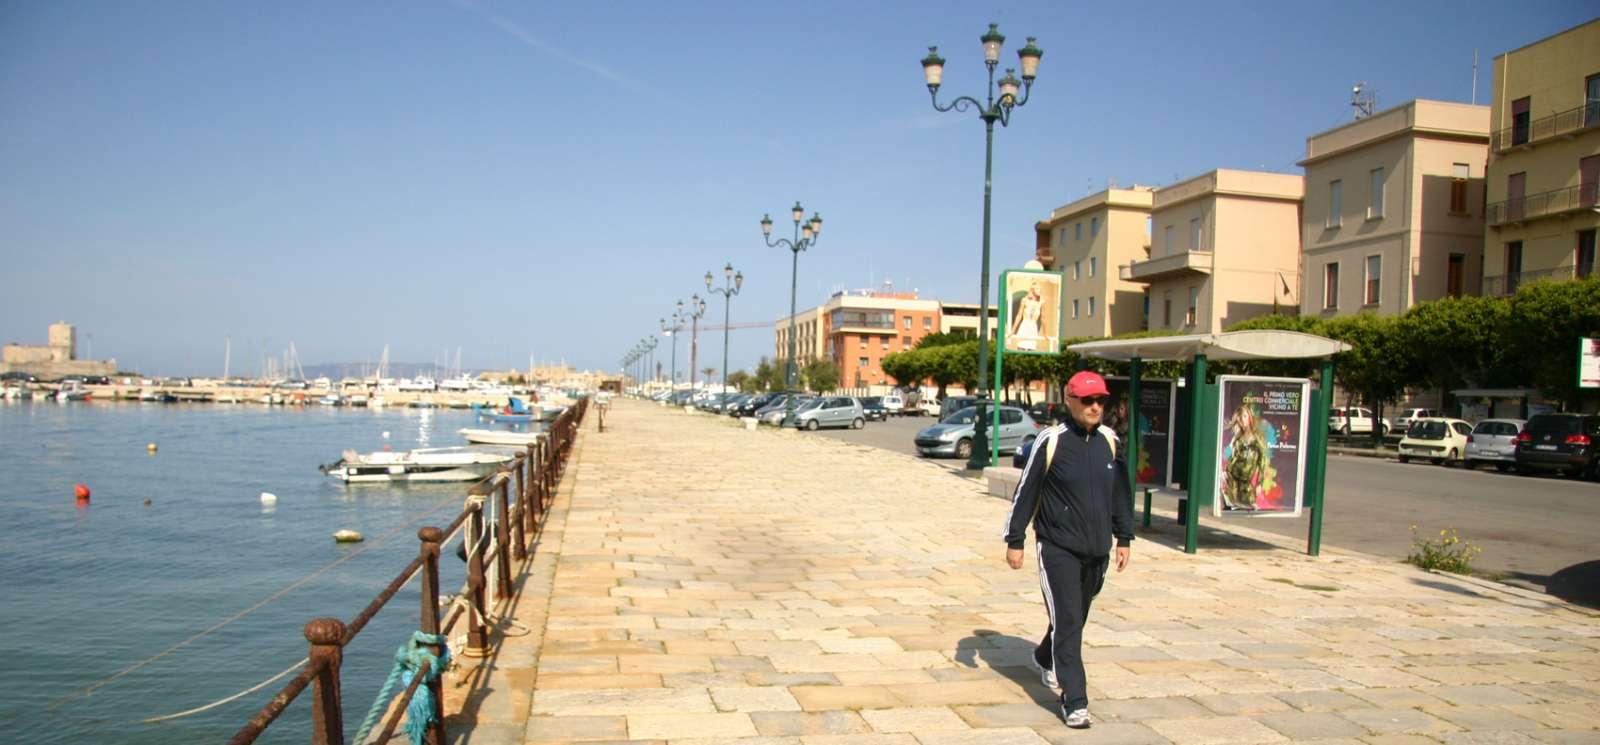 Sea promenade by the harbor